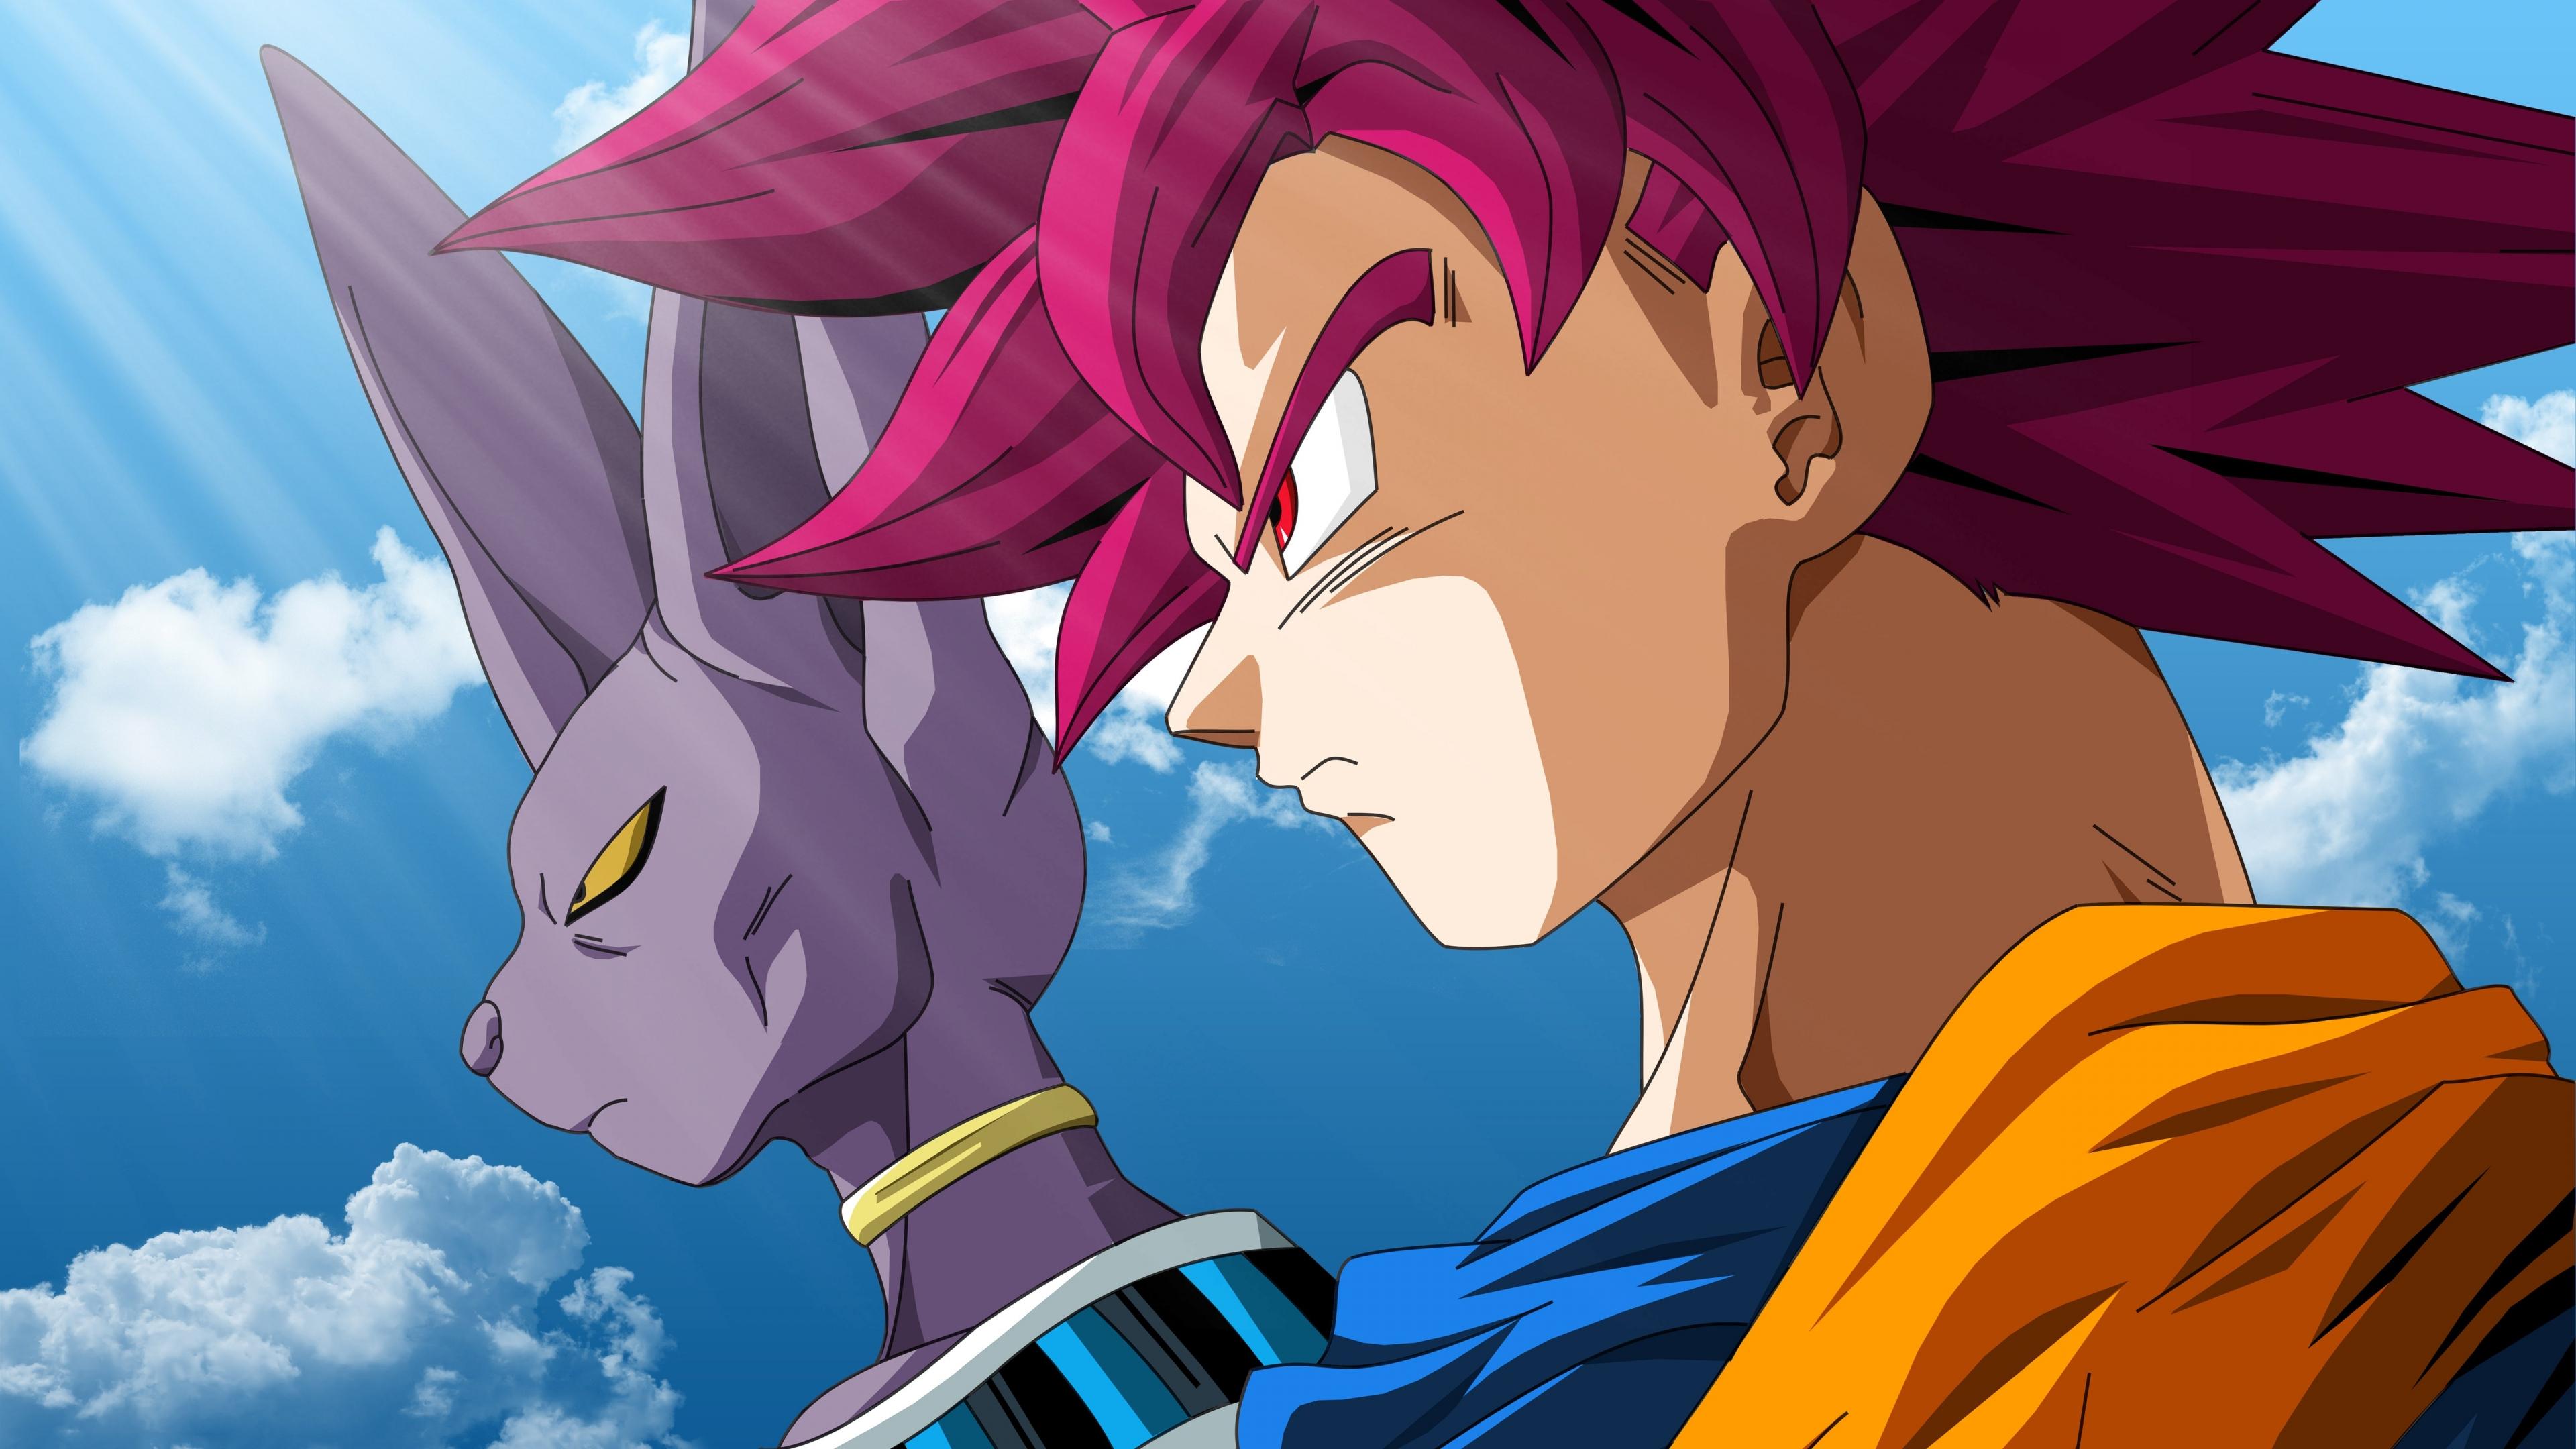 Beerus And Goku Super Saiyan God Anime Wallpaper 5k Ultra Hd Id 3046